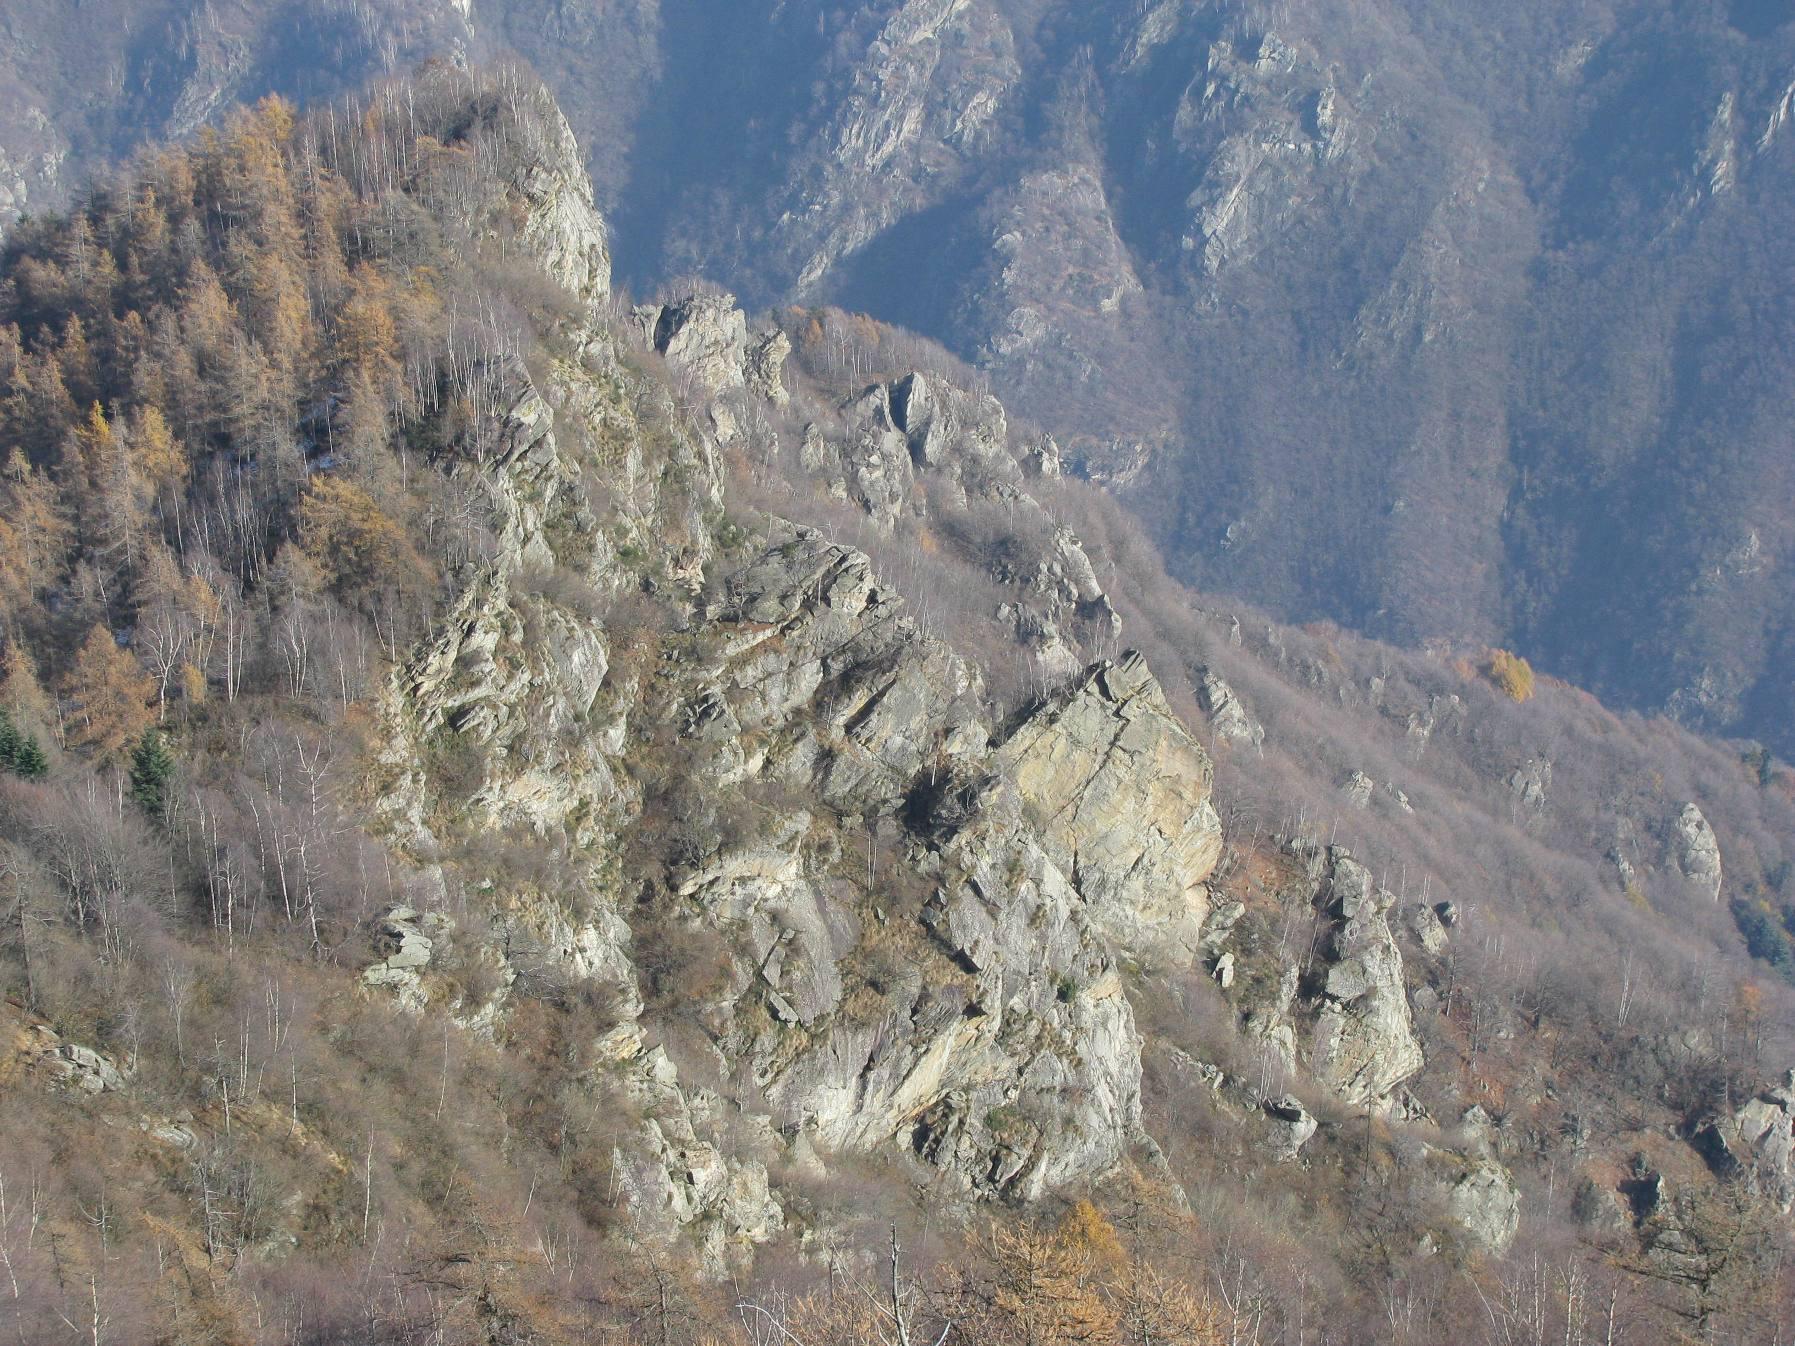 Vista dall'alto, del versante di salita delle Comunasse